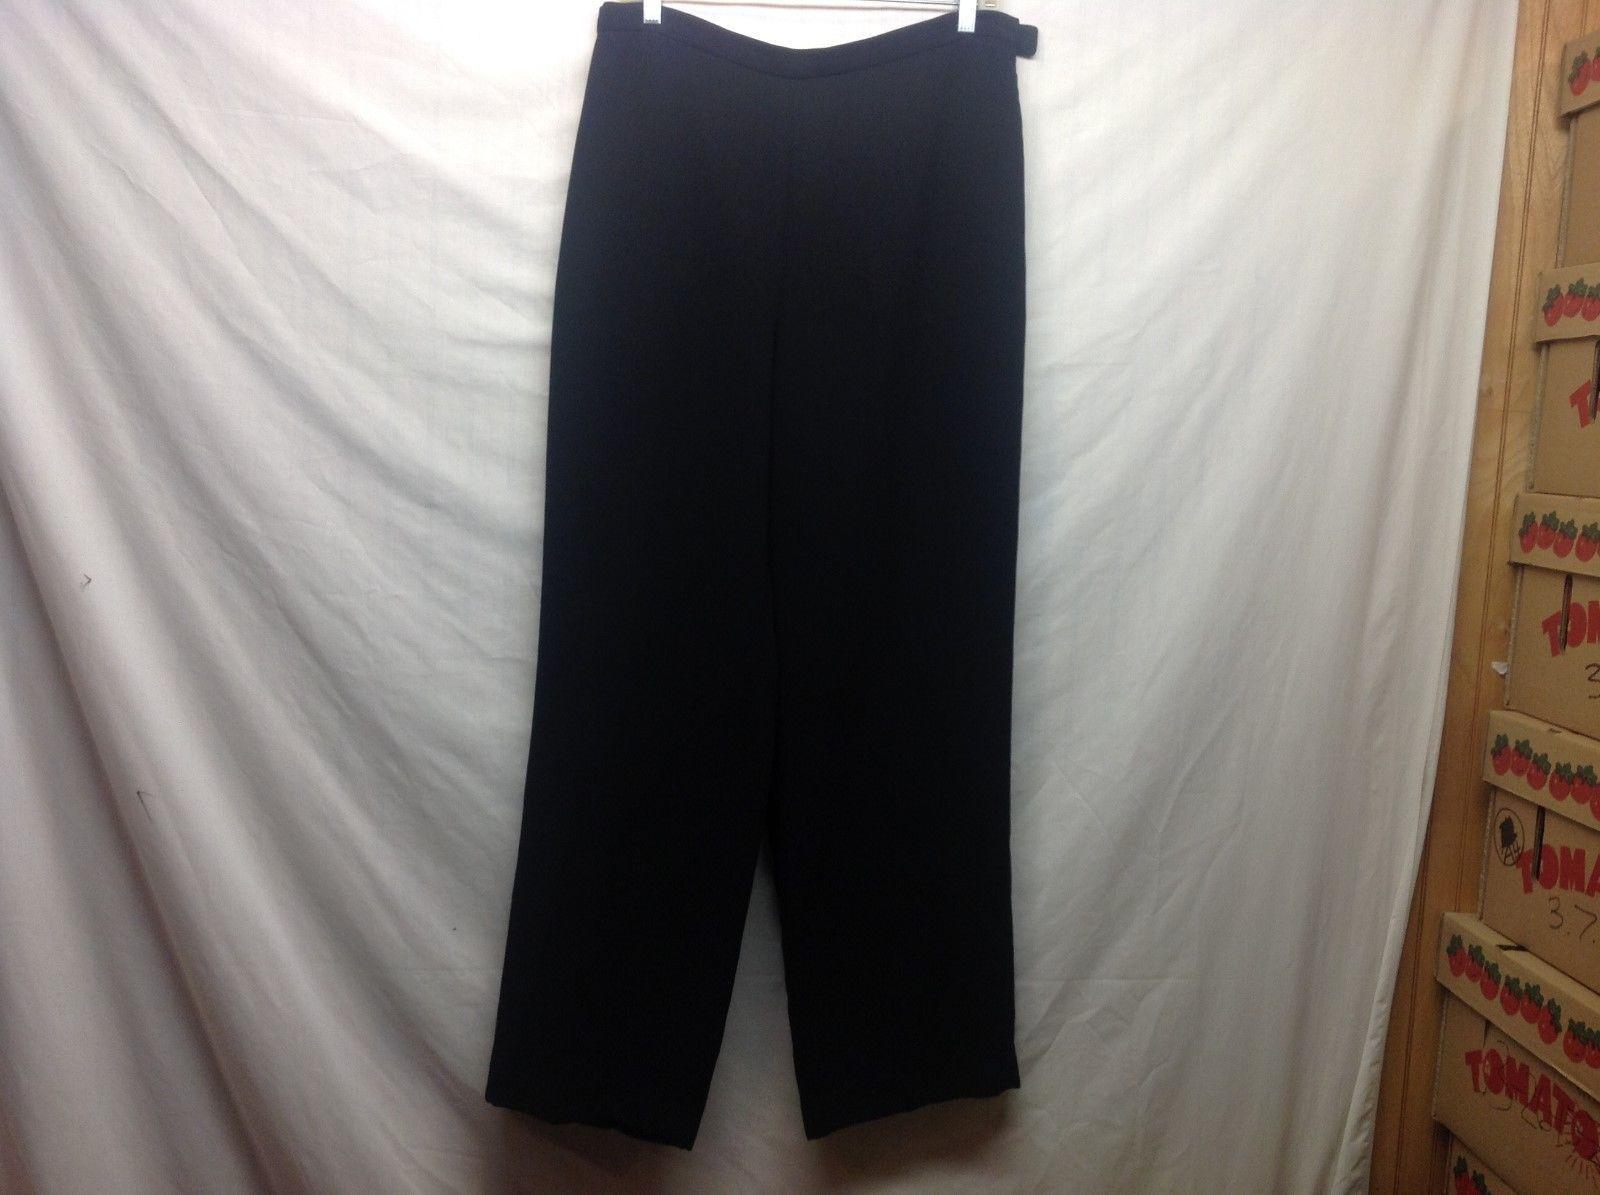 Chadwicks Ladies Black Cuffed Dress Pants Sz 14